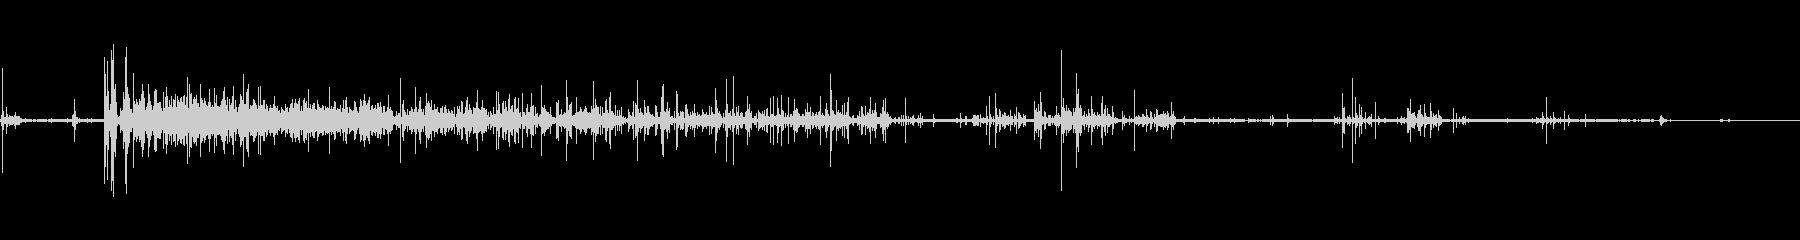 ボートビルジポンプ:エンジン、モー...の未再生の波形